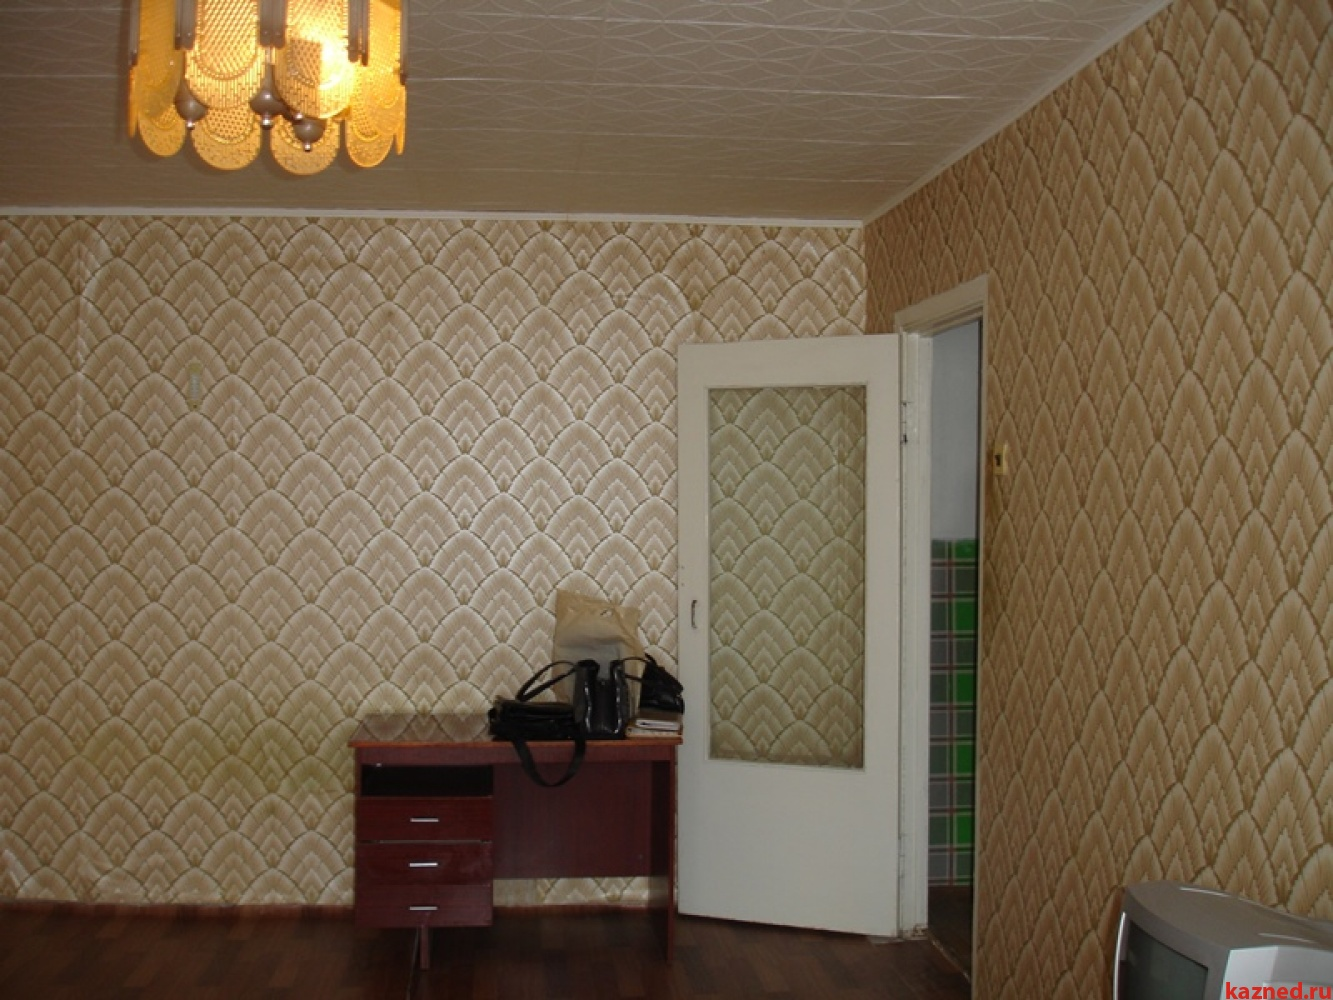 Продажа 1-к квартиры Щорса,20а, 30 м2  (миниатюра №3)